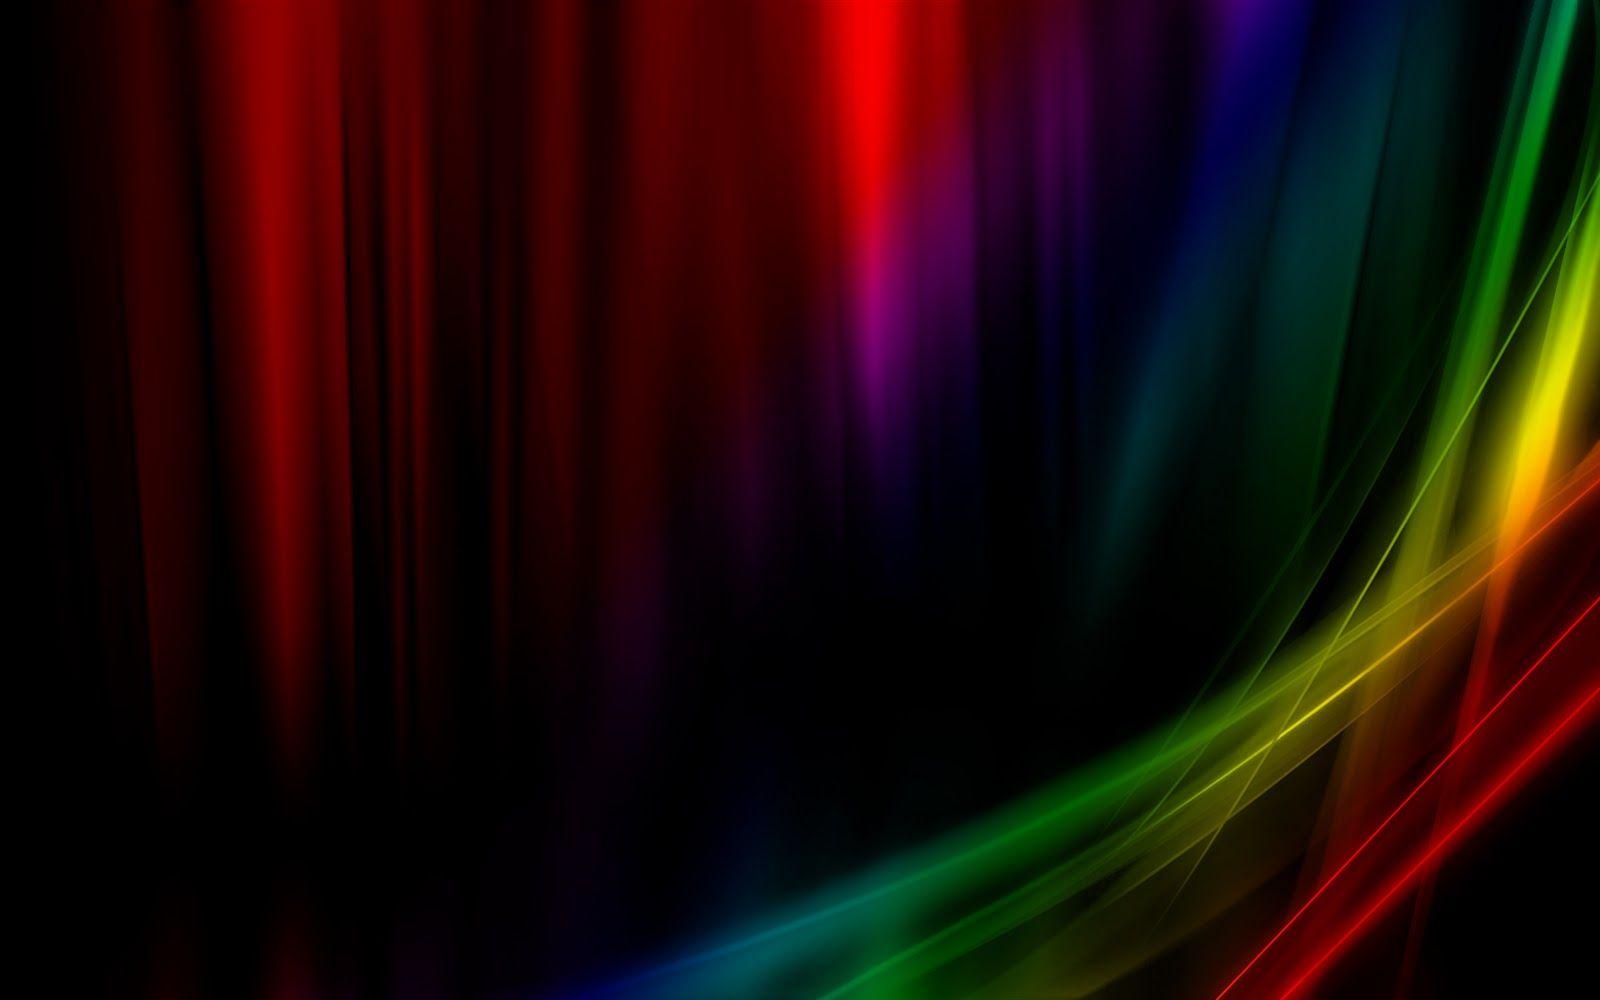 Fondo De Pantalla Abstracto Barras De Colores: Barras De Colores Para Fondo De Pantalla